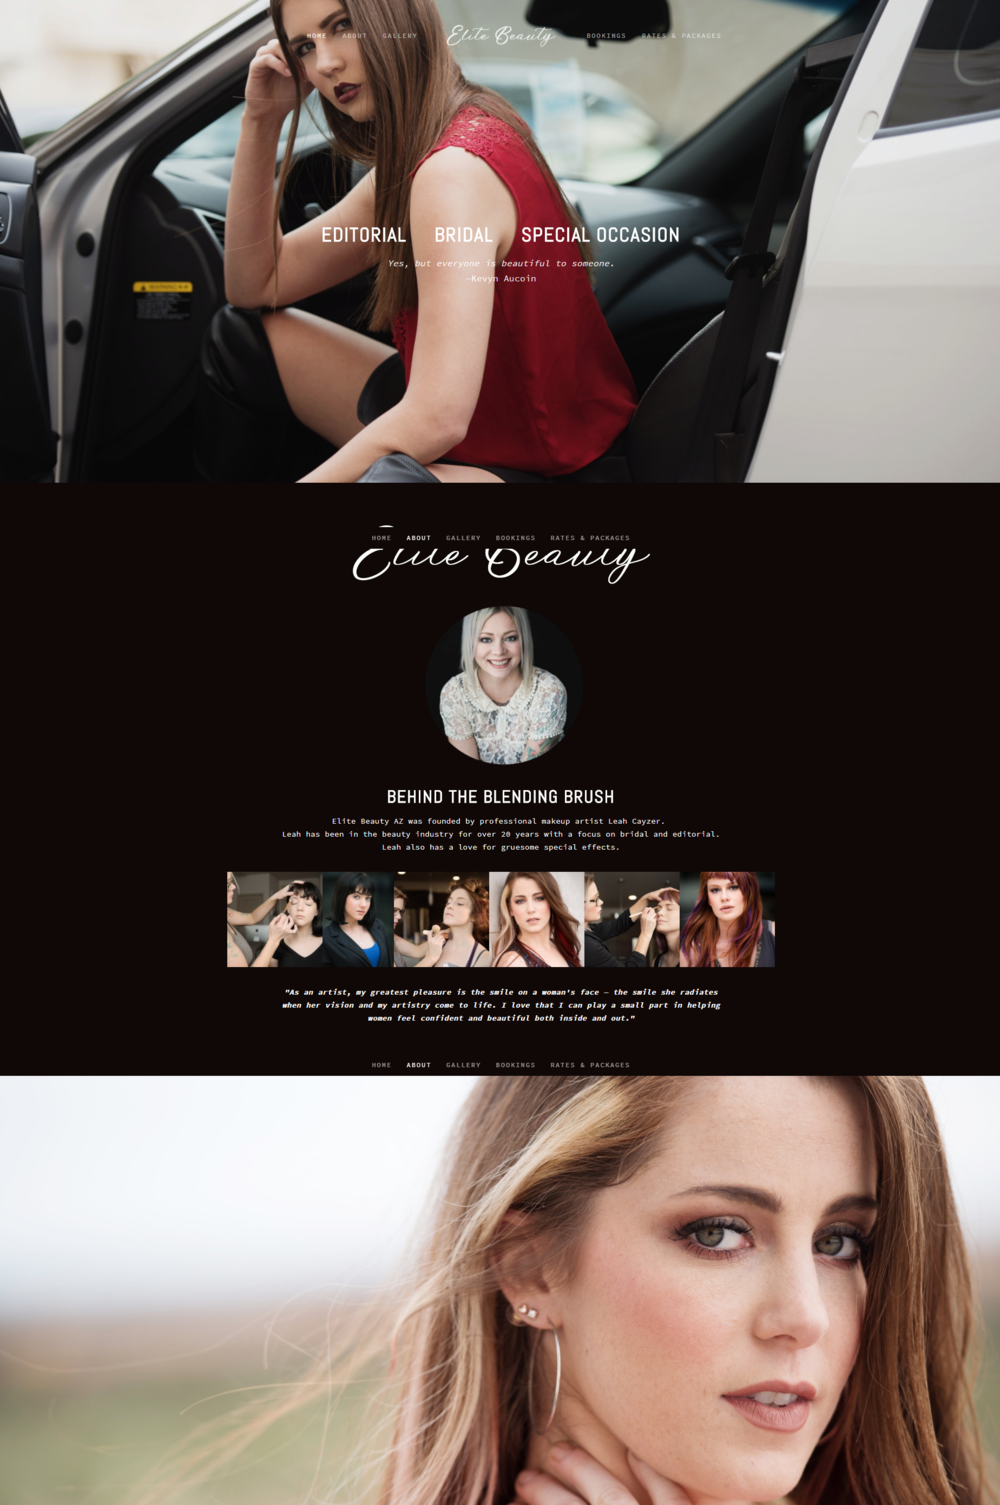 screenshot-www.elitebeautyaz.com 2017-09-05 20-39-59.png